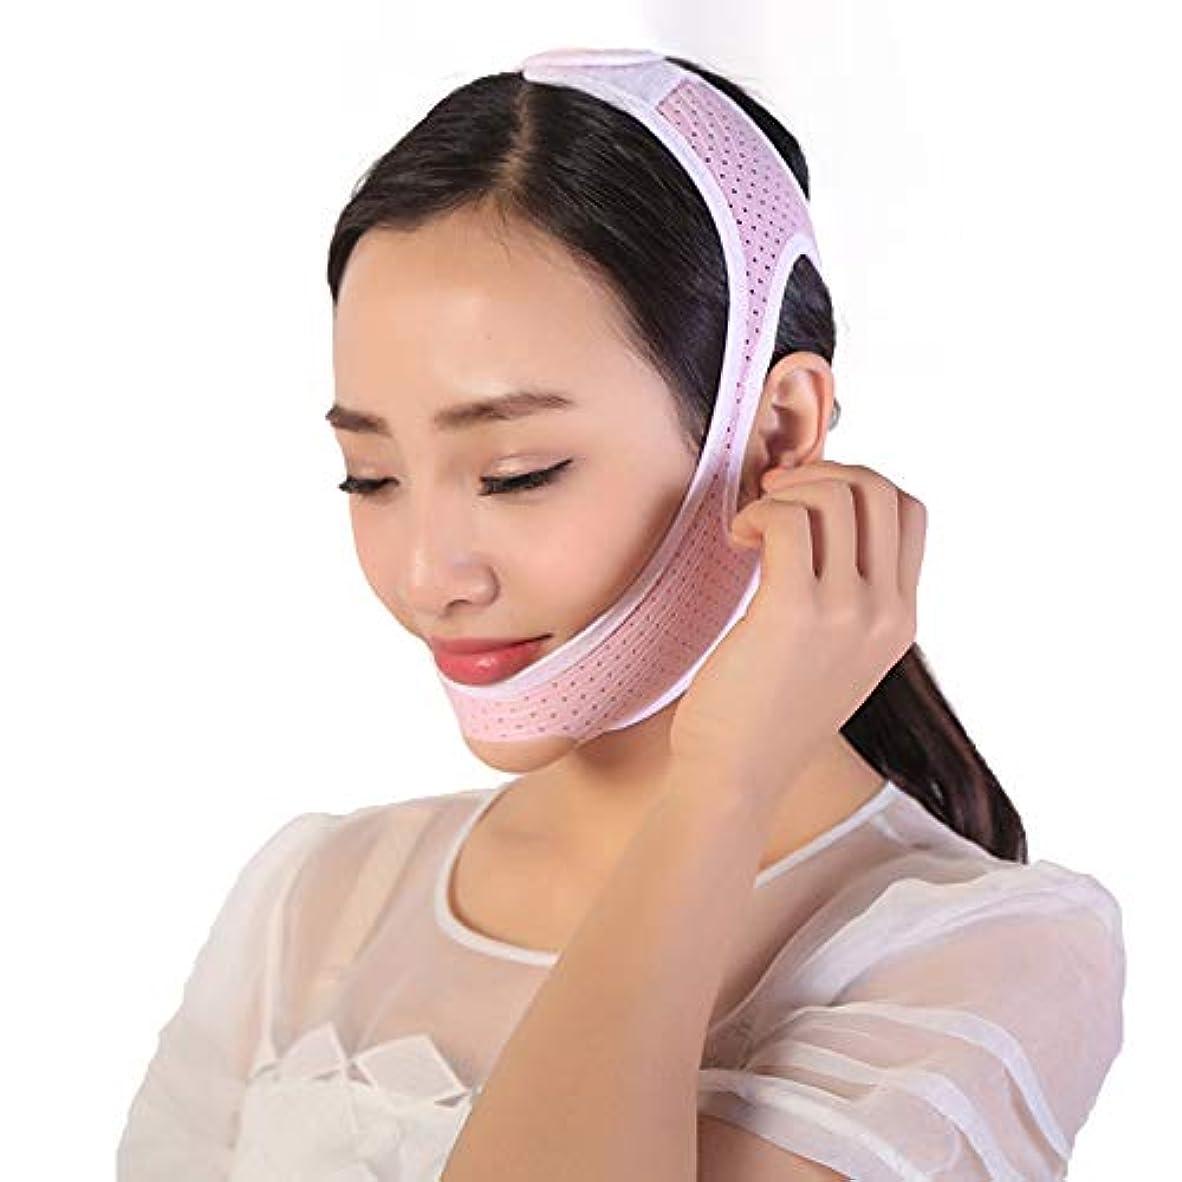 もっと少なく上院氏Jia Jia- フェイシャルリフティングスリミングベルト - 薄型フェイス包帯ダブルチンデバイスフェイシャルマッサージアンチエイジングリンクルフェイスマスクベルト 顔面包帯 (サイズ さいず : L l)